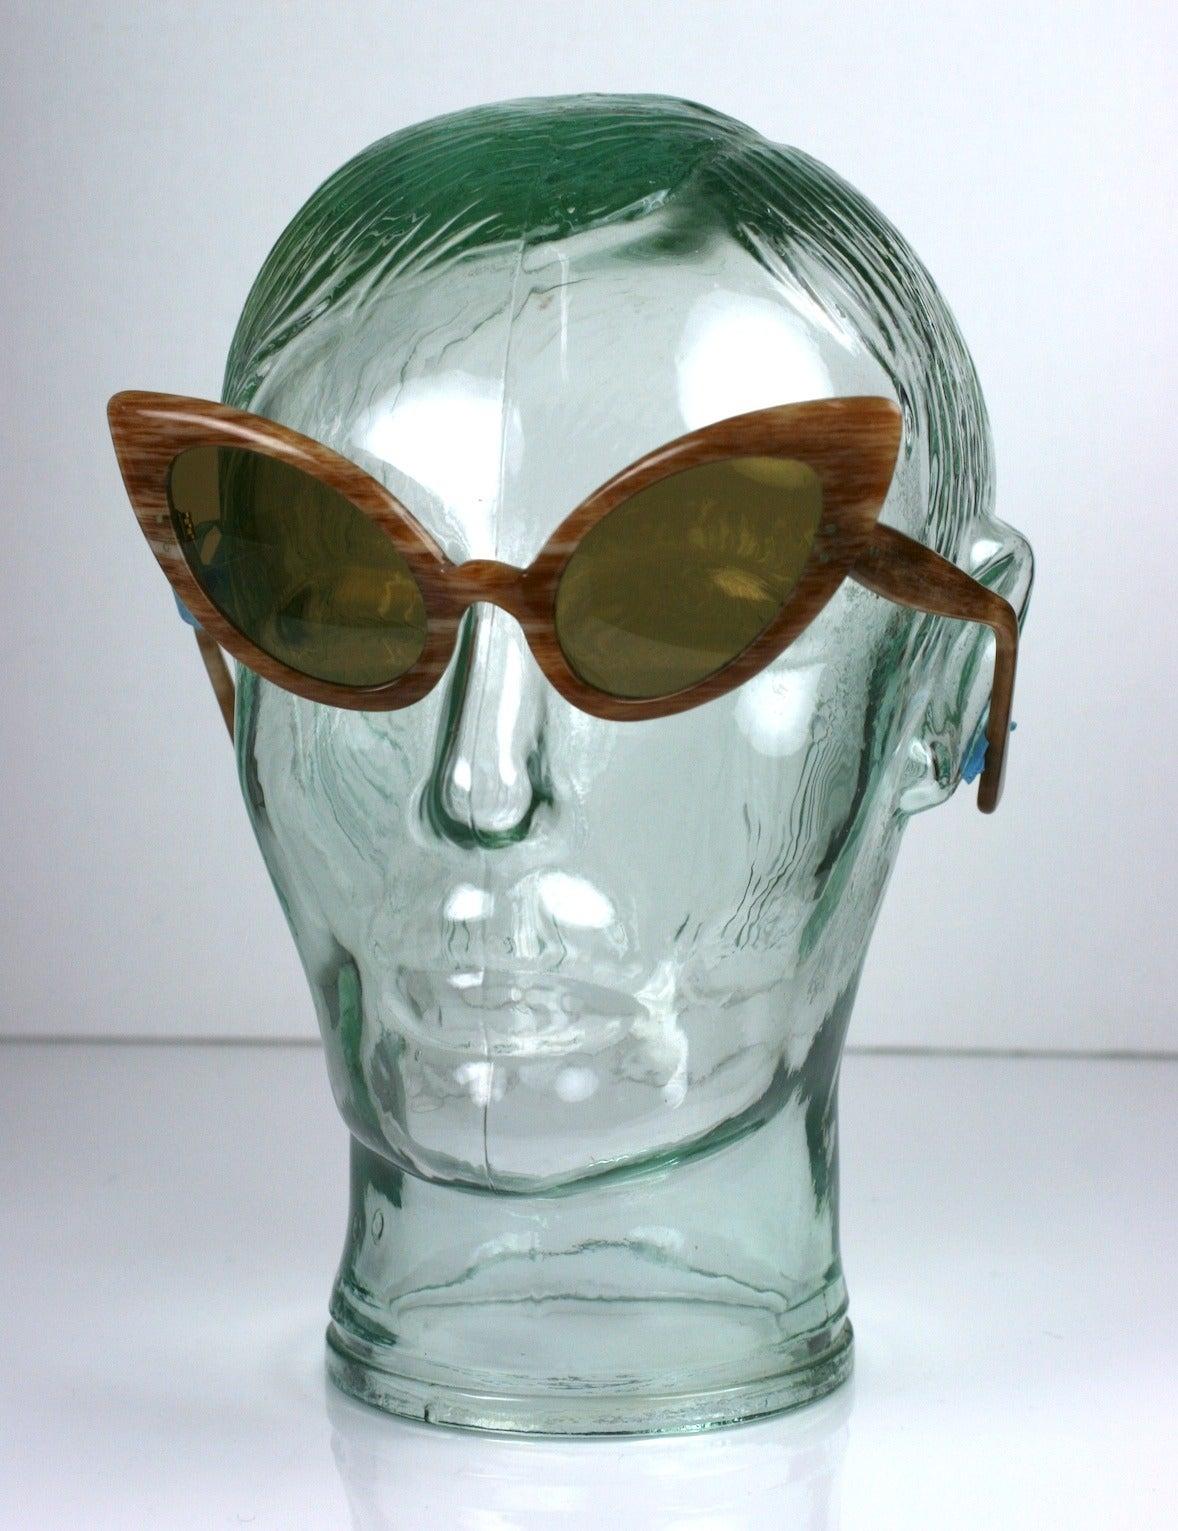 Oleg Cassini Alien Sunglasses 6